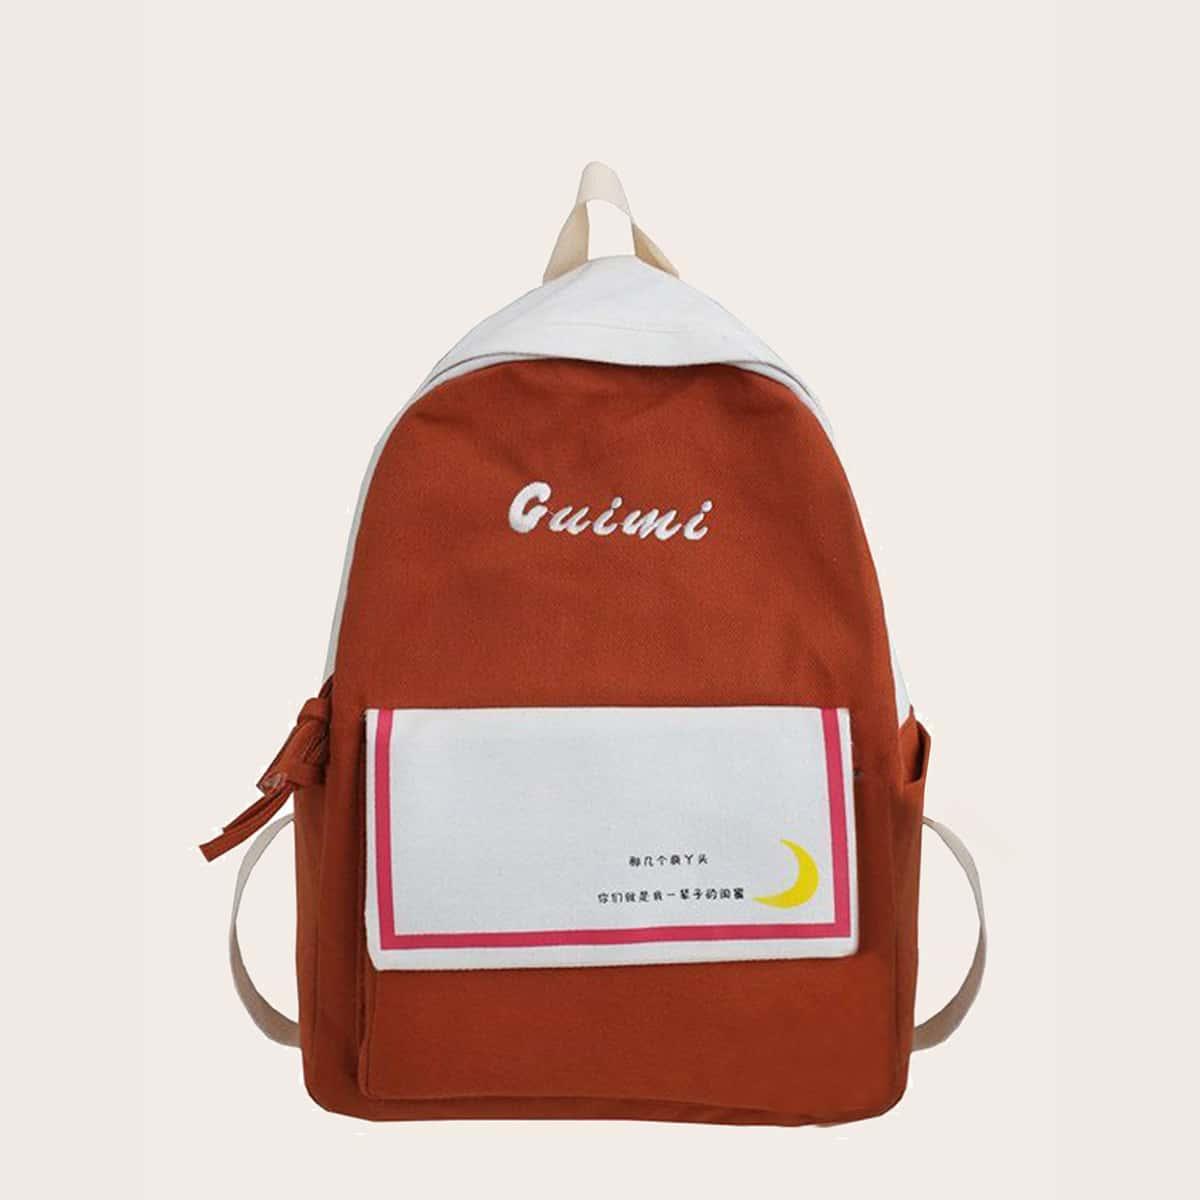 Контрастный рюкзак с текстовой вышивкой и карманом